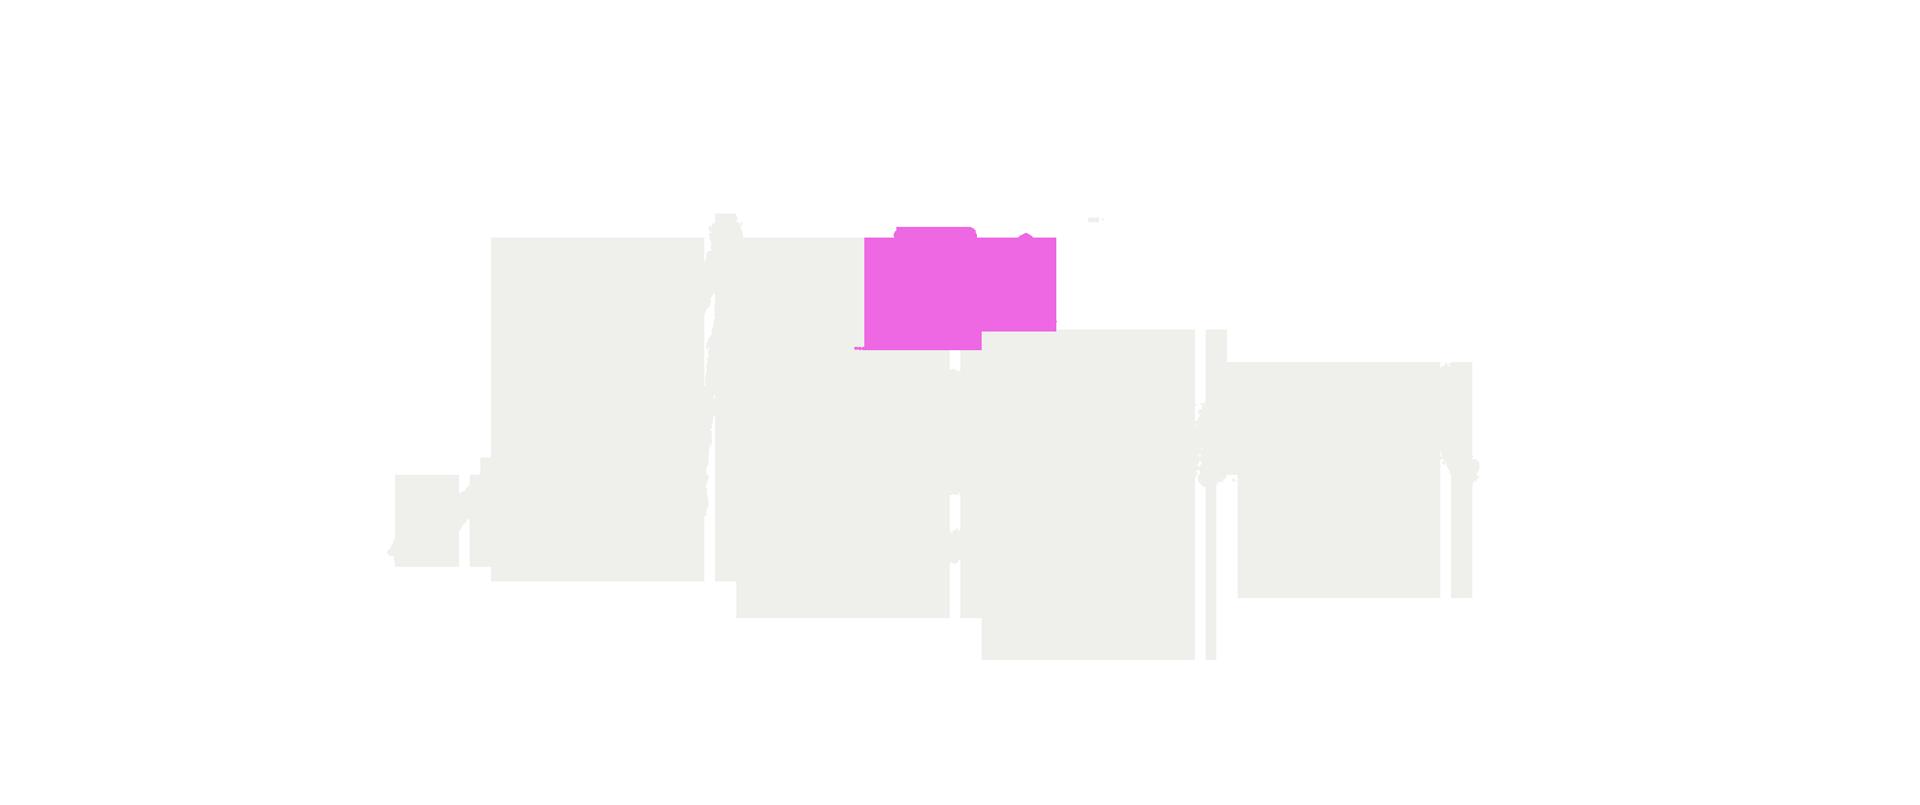 Murayama_Title